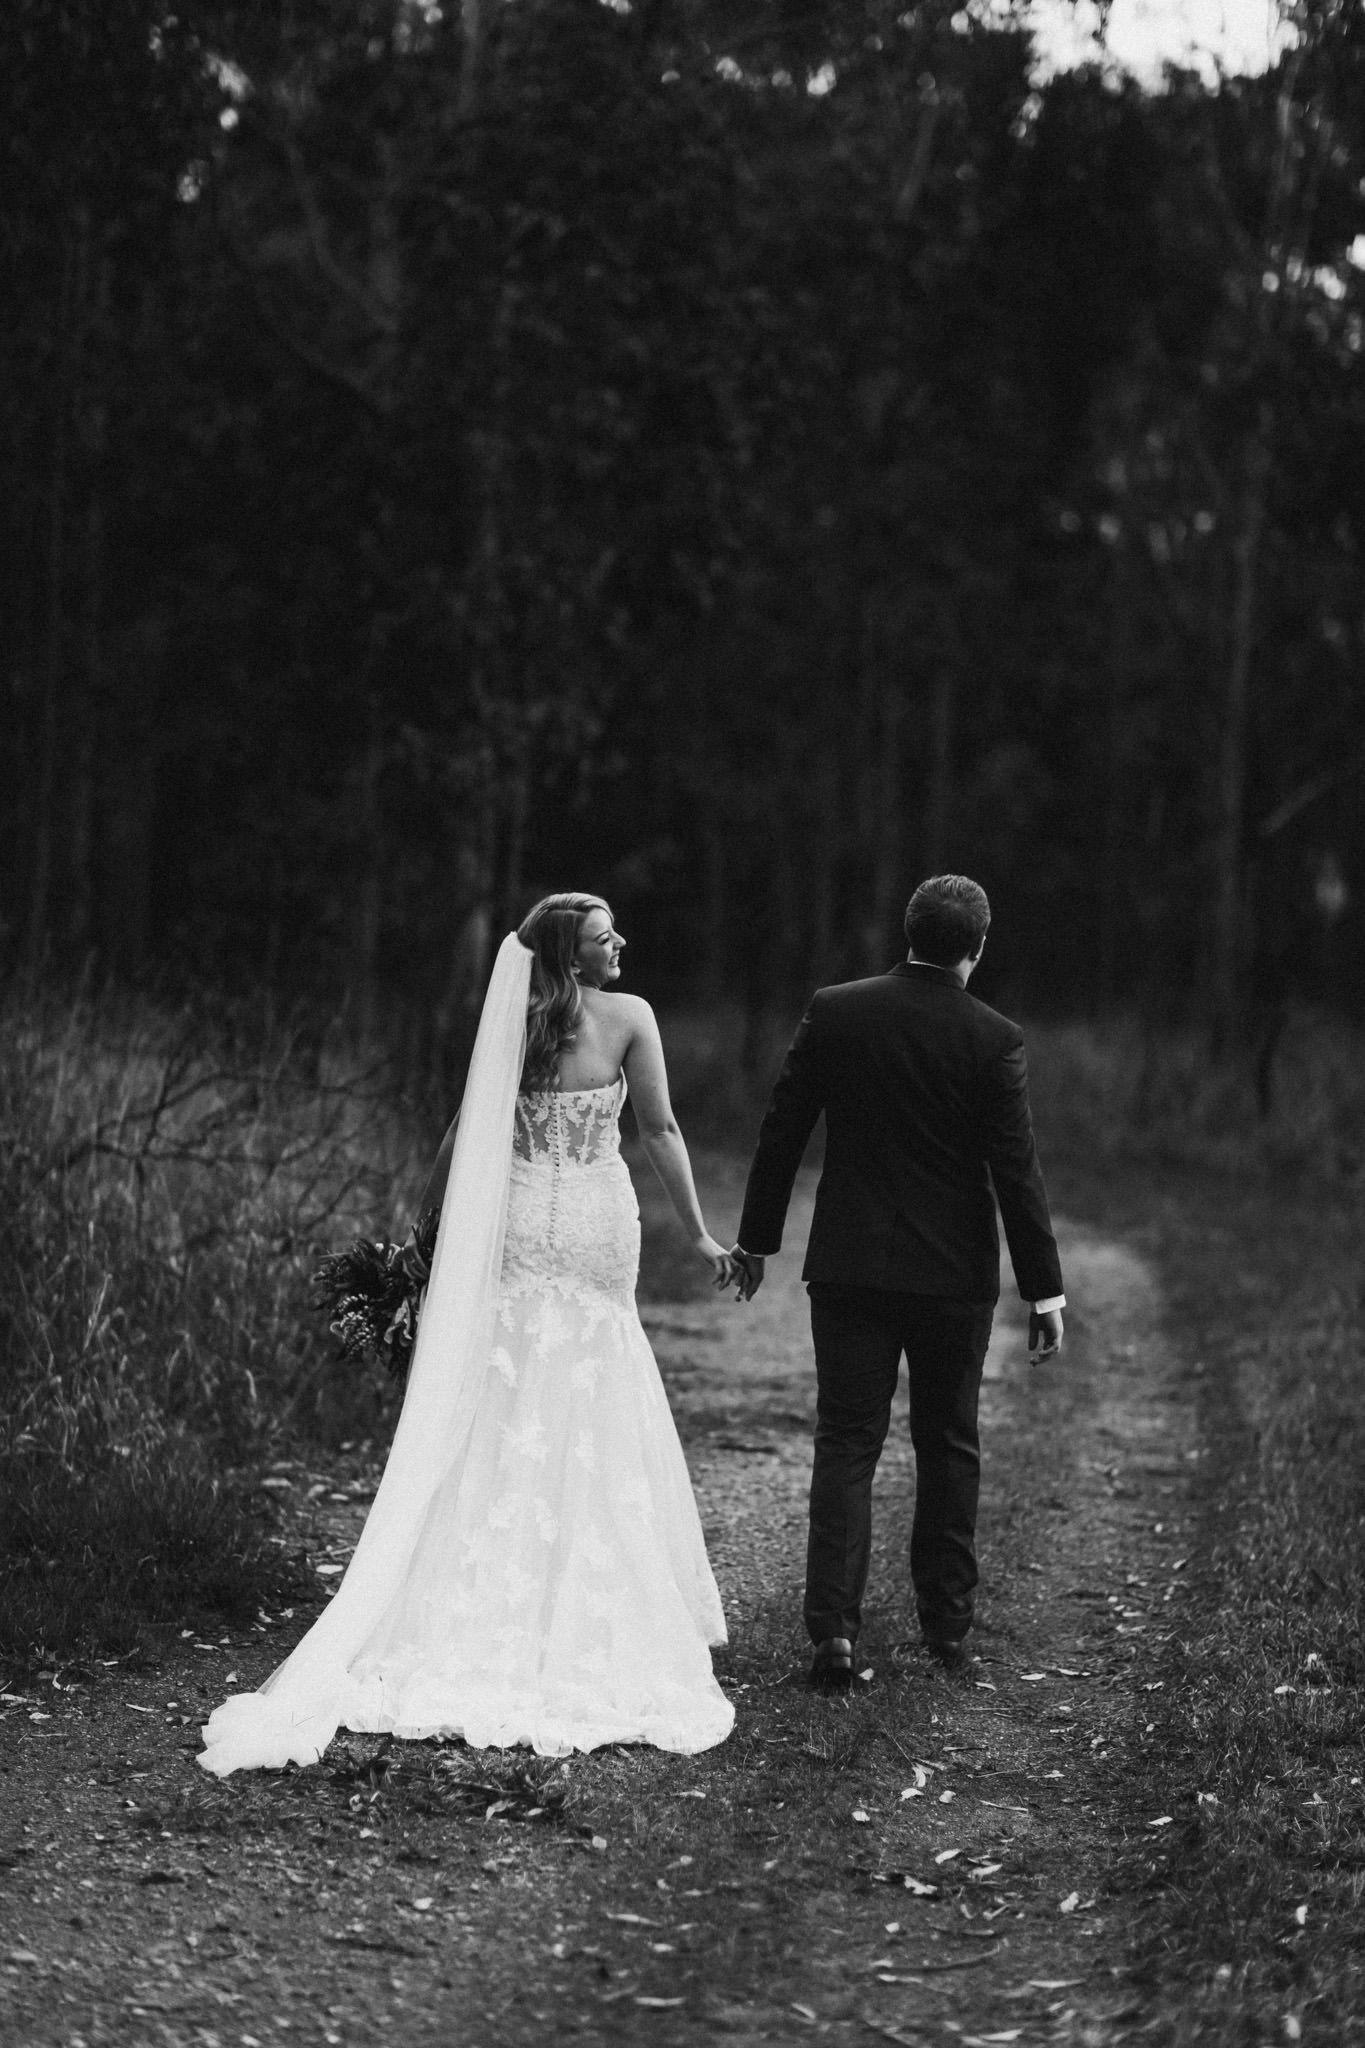 WeddingPhotos_Facebook_2048pixels-1100.jpg